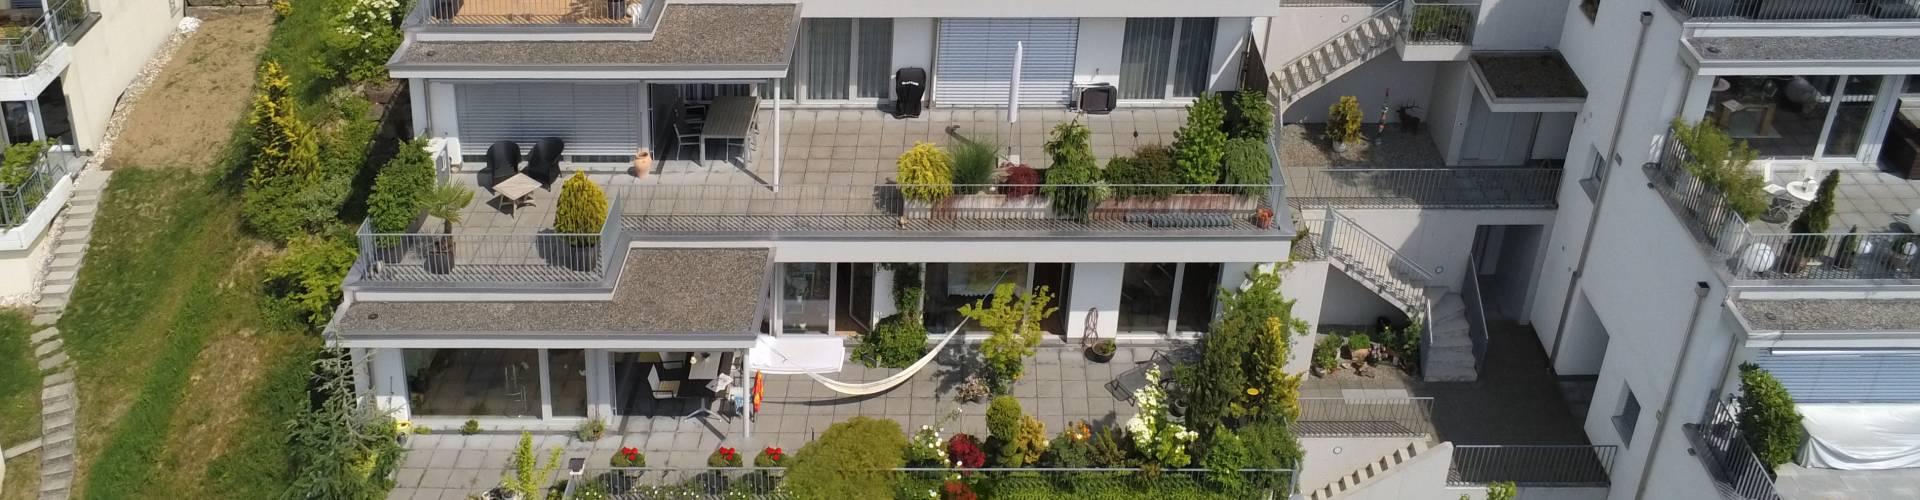 Immobilien - RE/MAX Immobilien Lenzburg